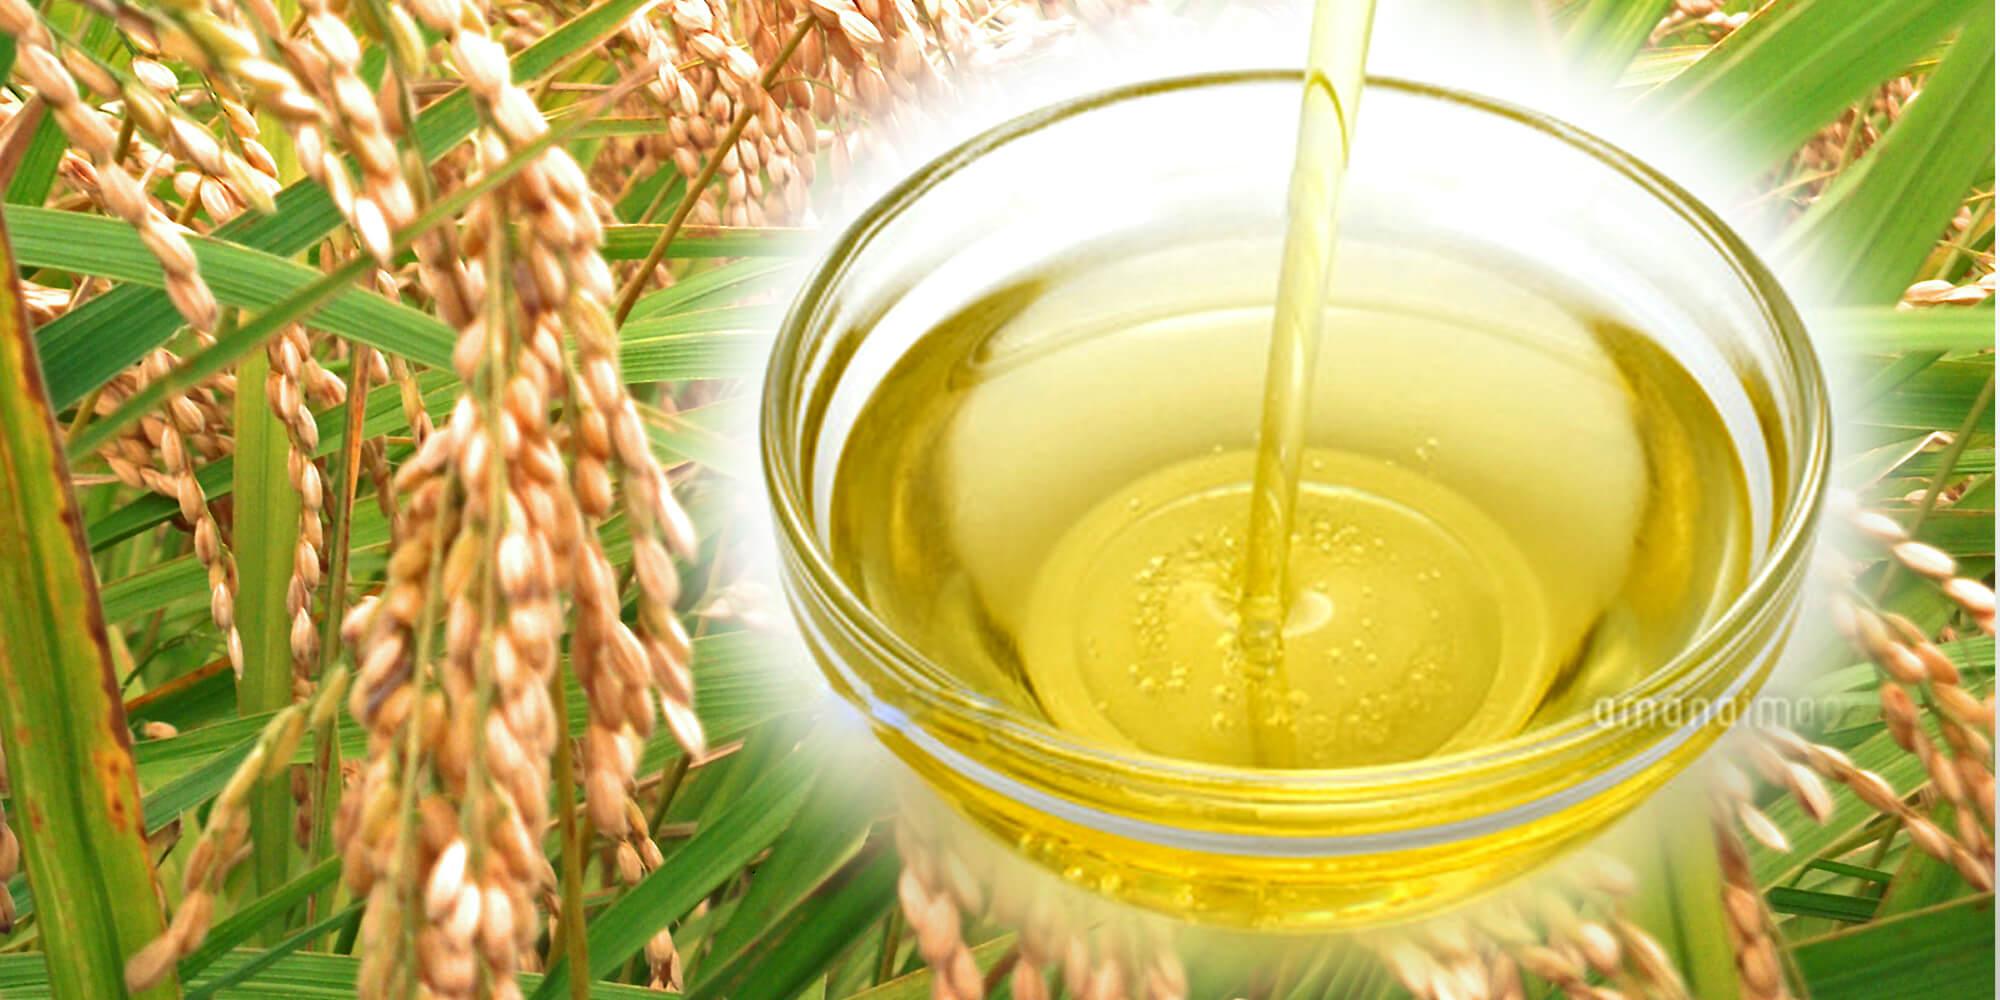 ヘルシーな米油を使用